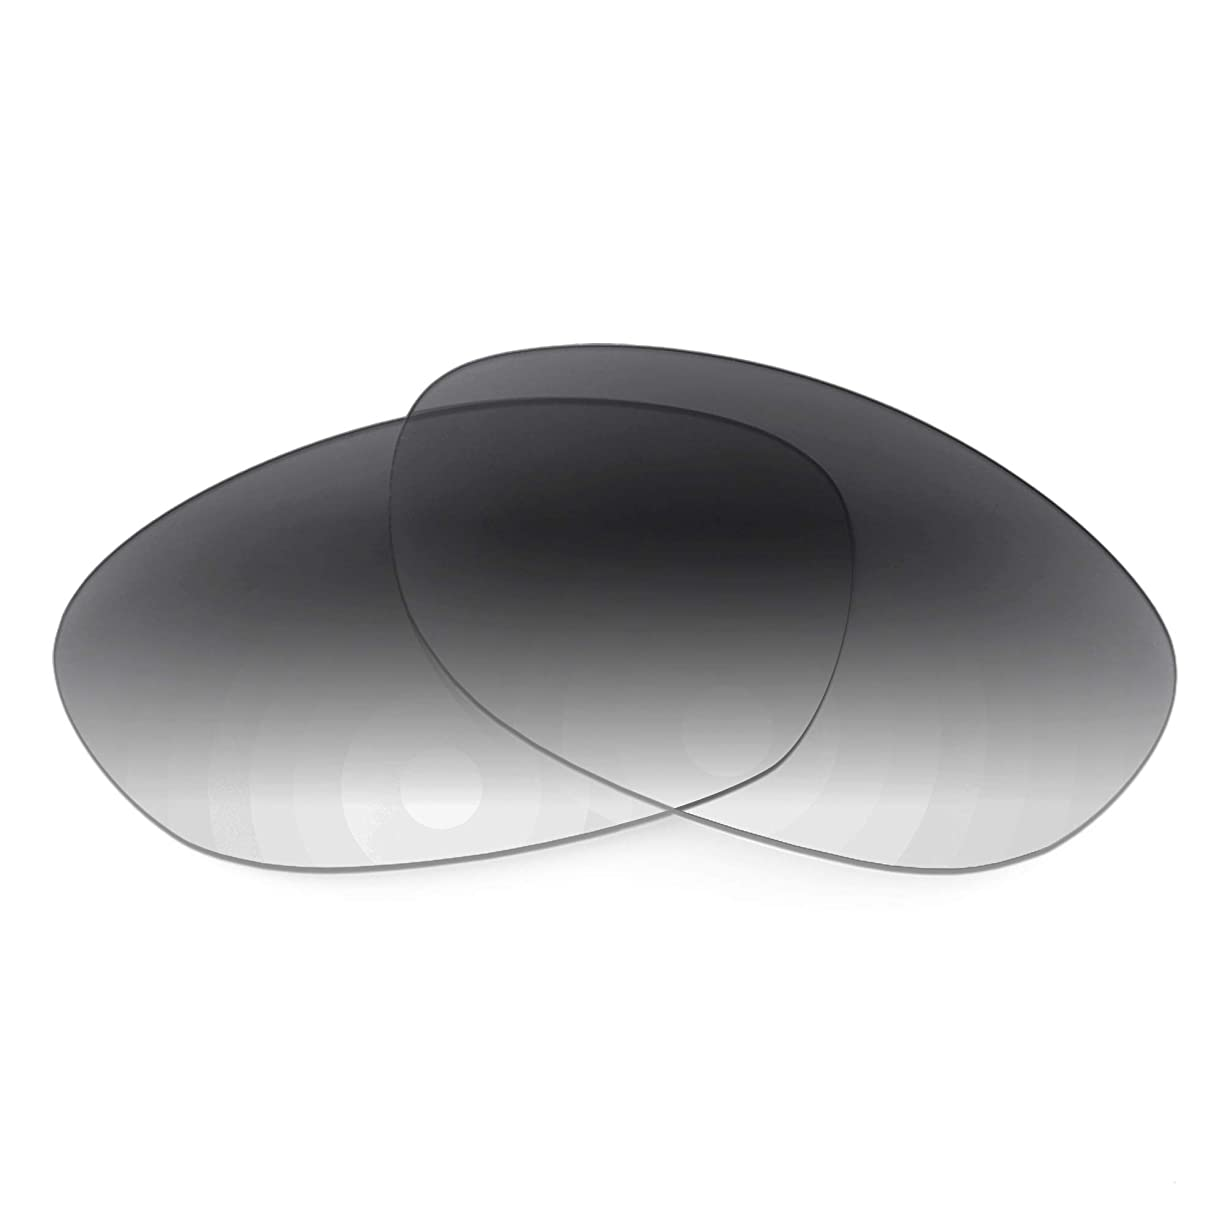 の間に周波数ボイコットWiley X Airrage用交換レンズ、Wiley X Airrageのサングラスに対応